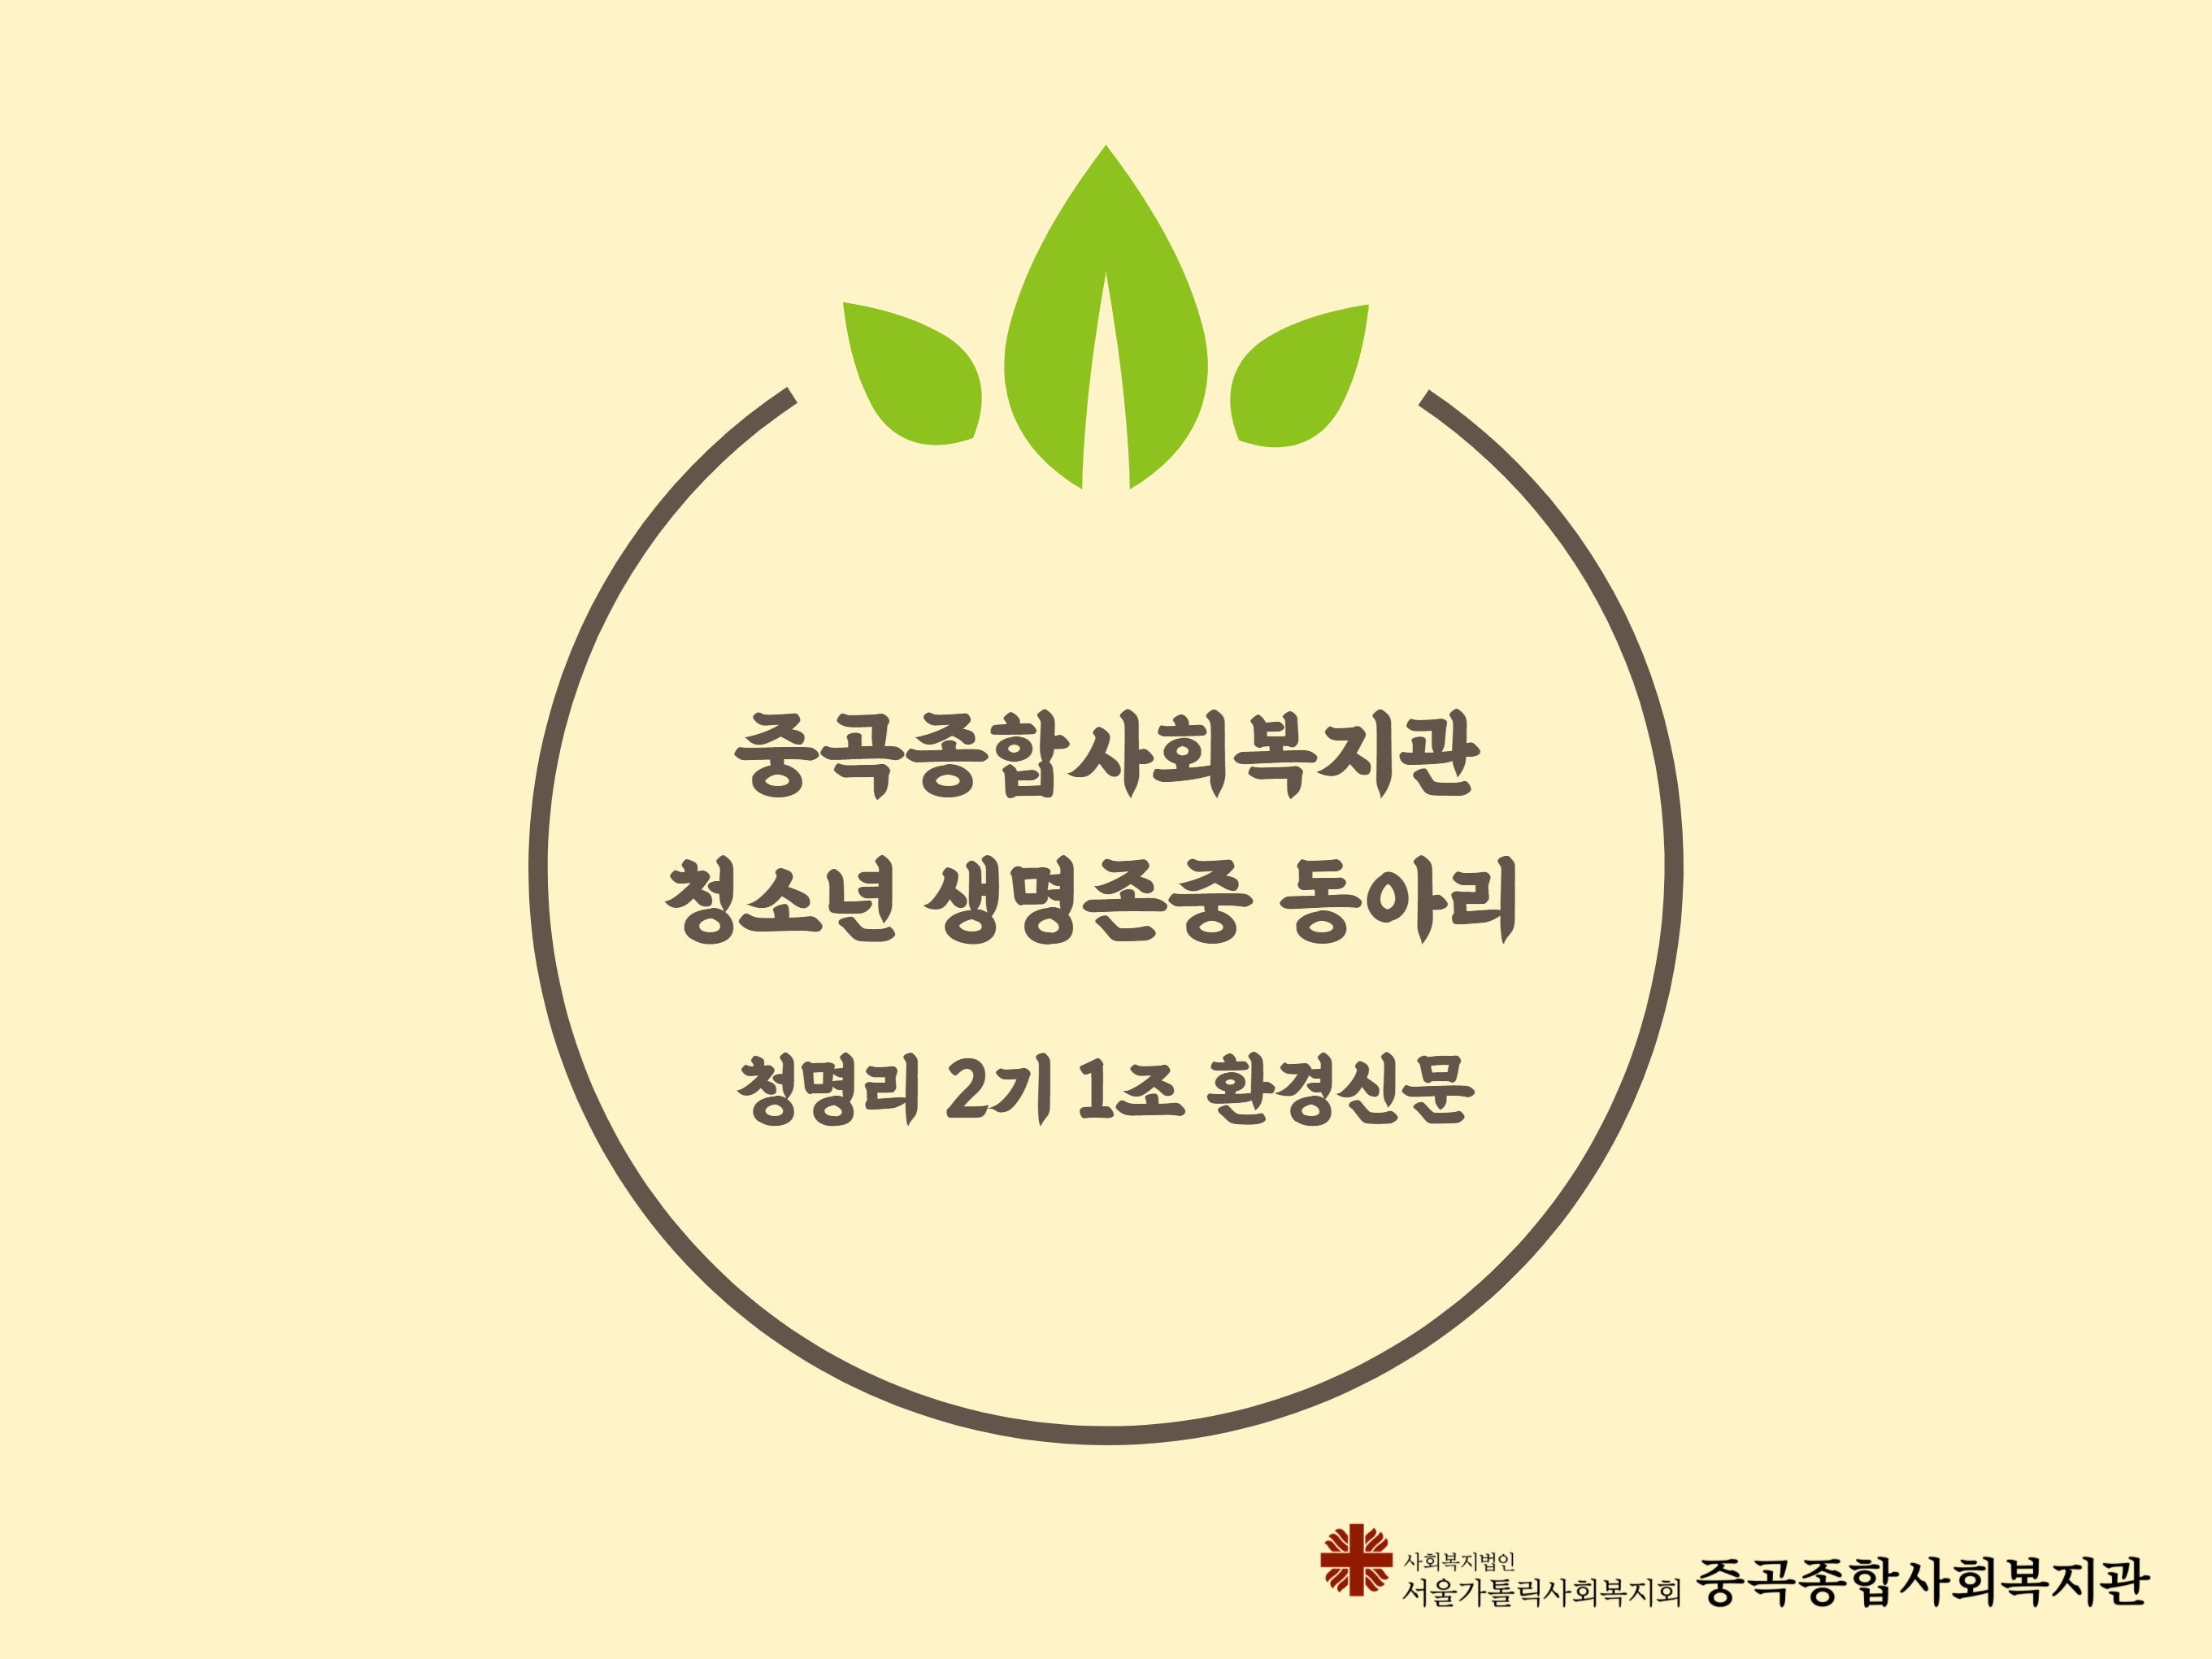 [지역사회조직] 2020년 청소년 생명존중 동아리 '청명리 2기' 환경신문 제작